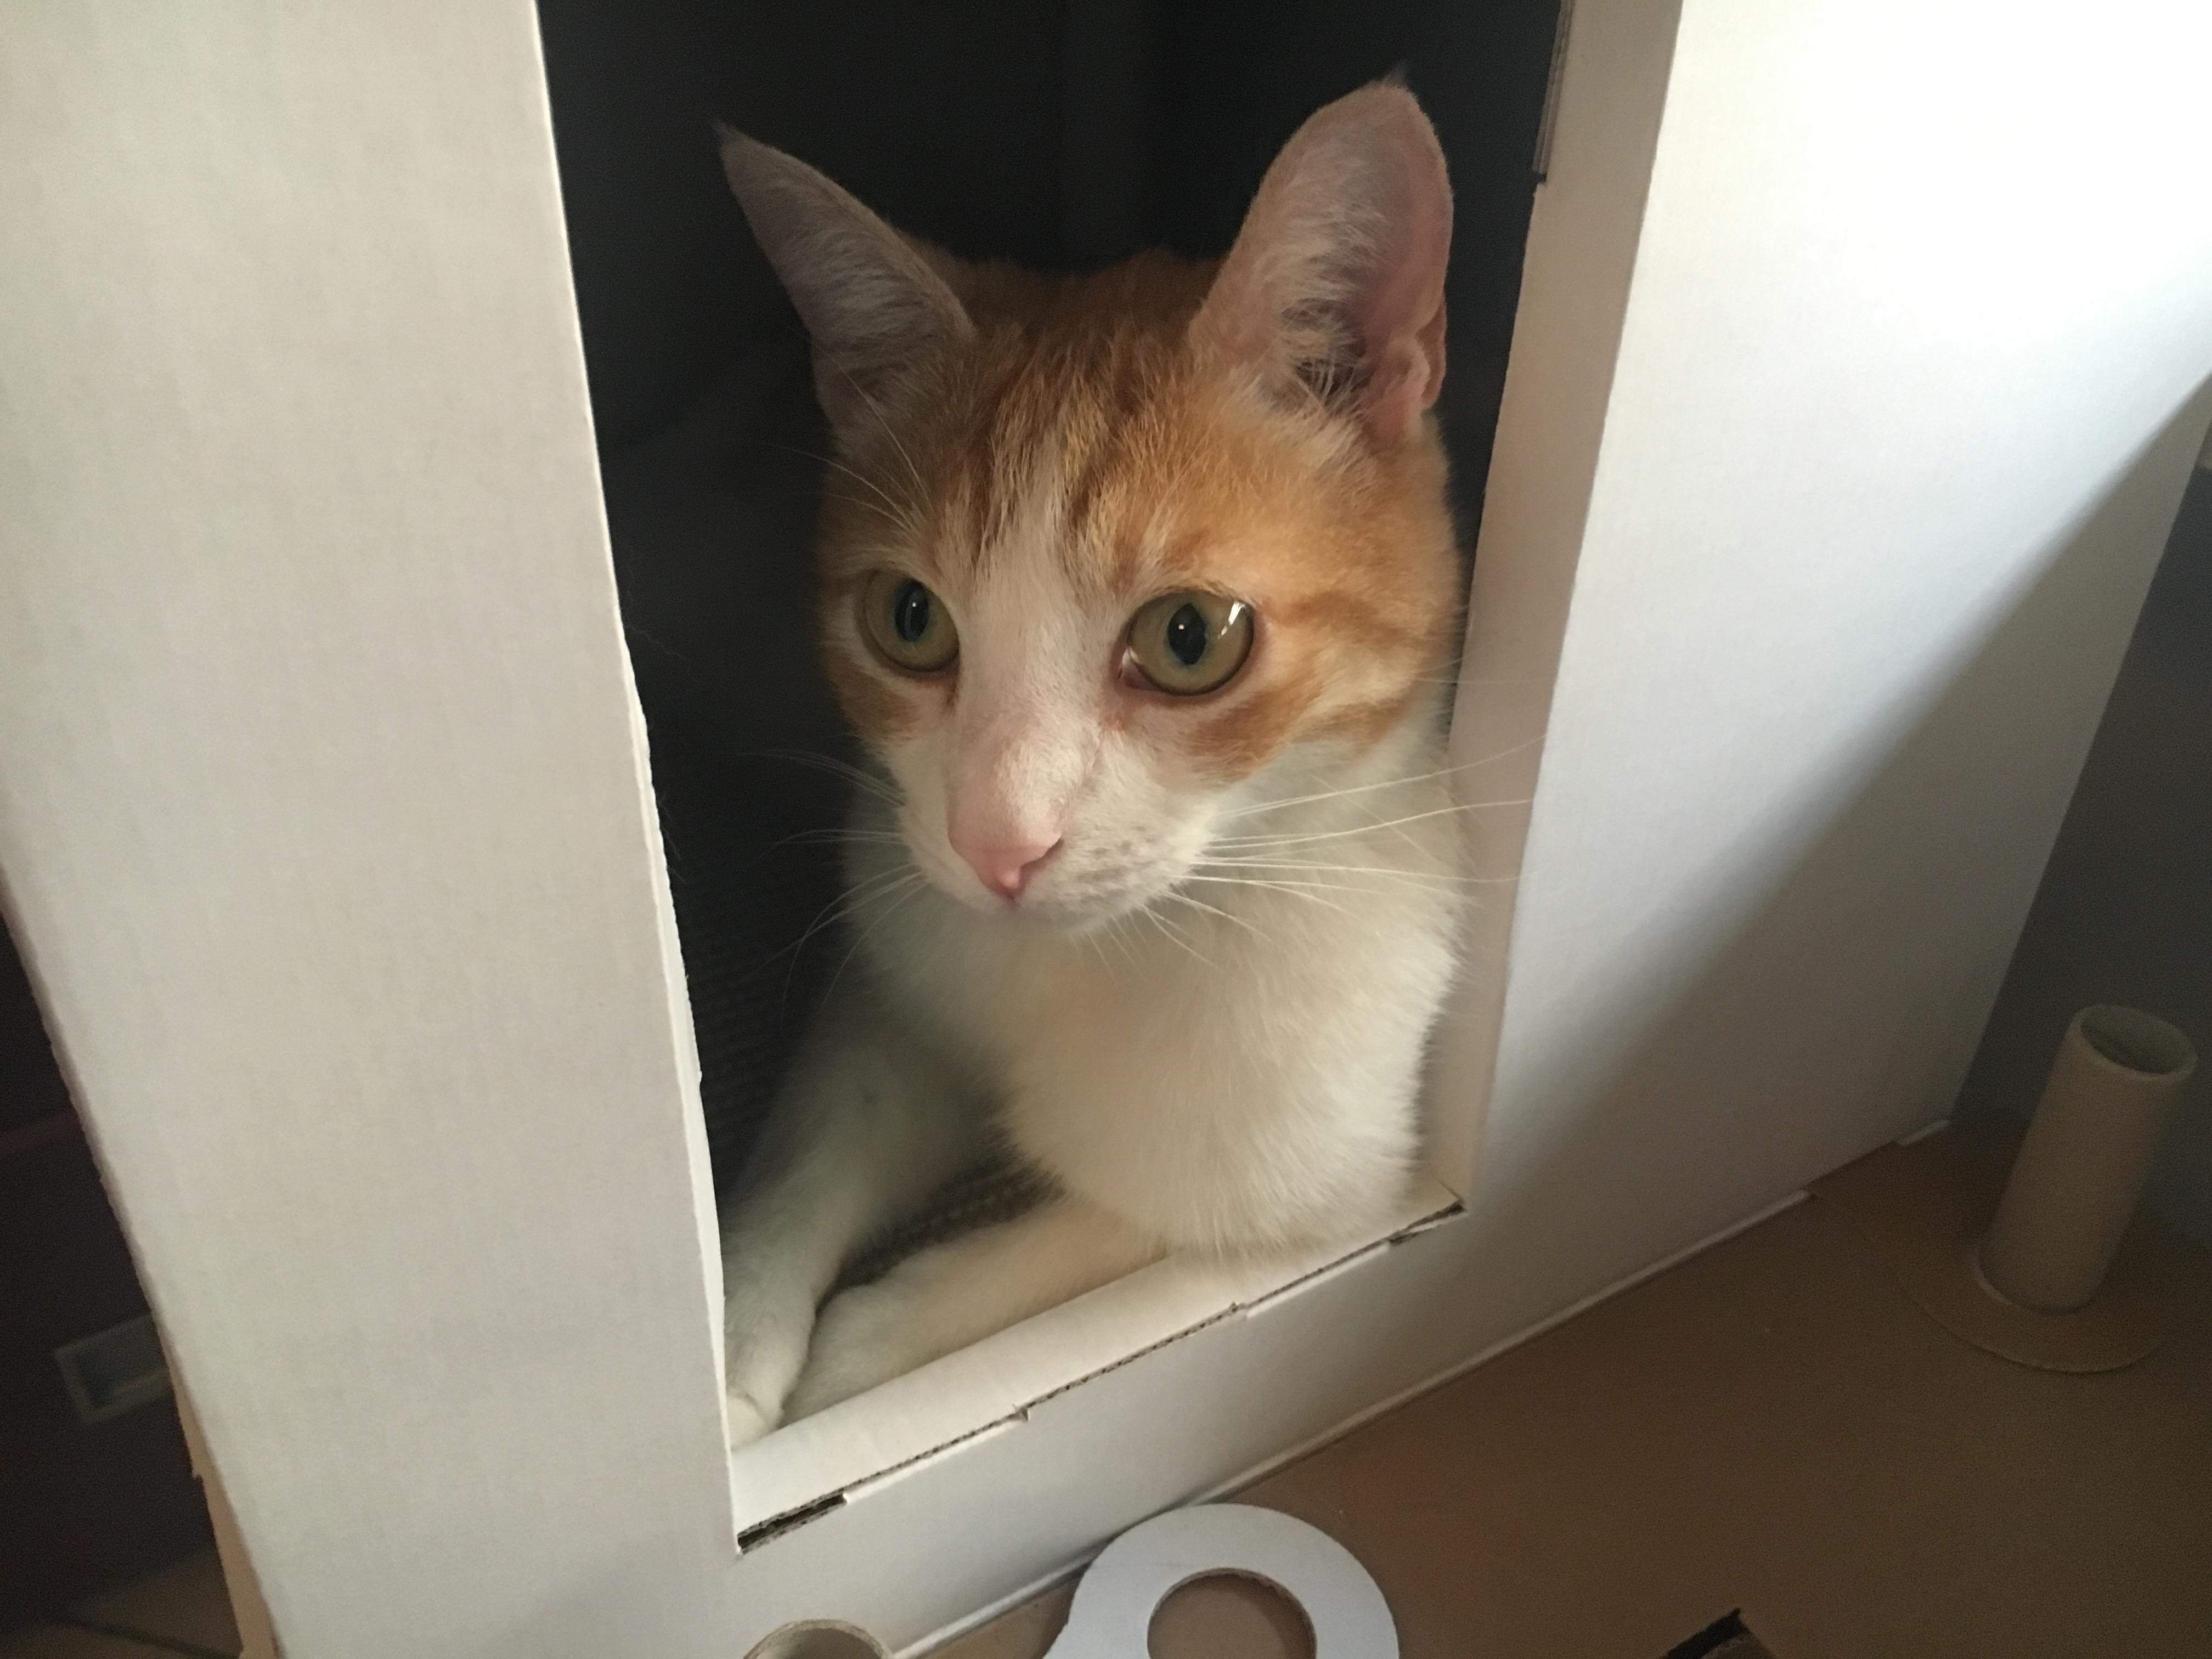 Archimiao! La cuccia ecologica perfetta per gatti